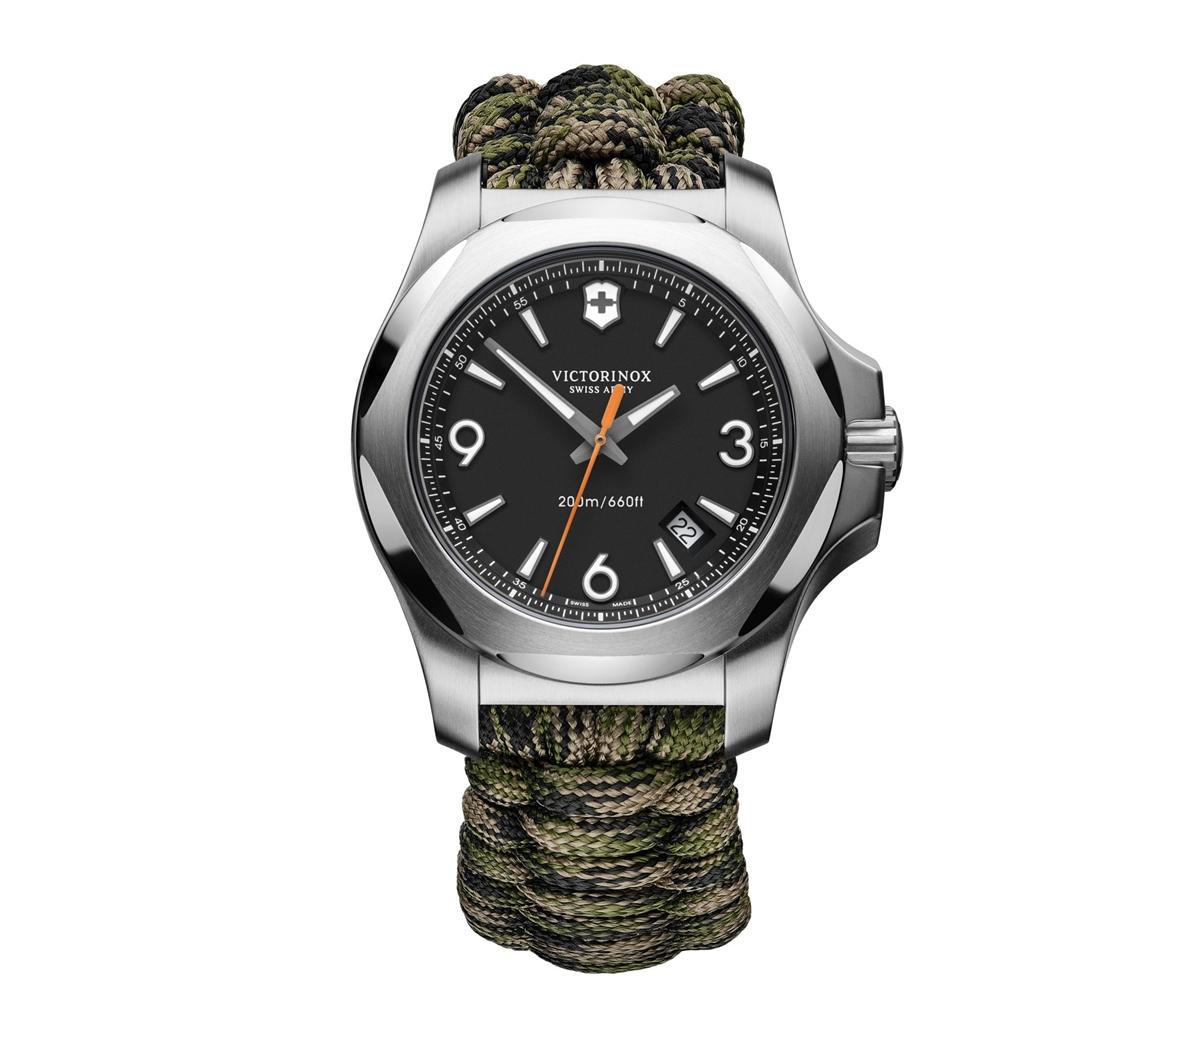 正規品 VICTORINOX ビクトリノックス 241894 イノックス オータムスピリット 腕時計